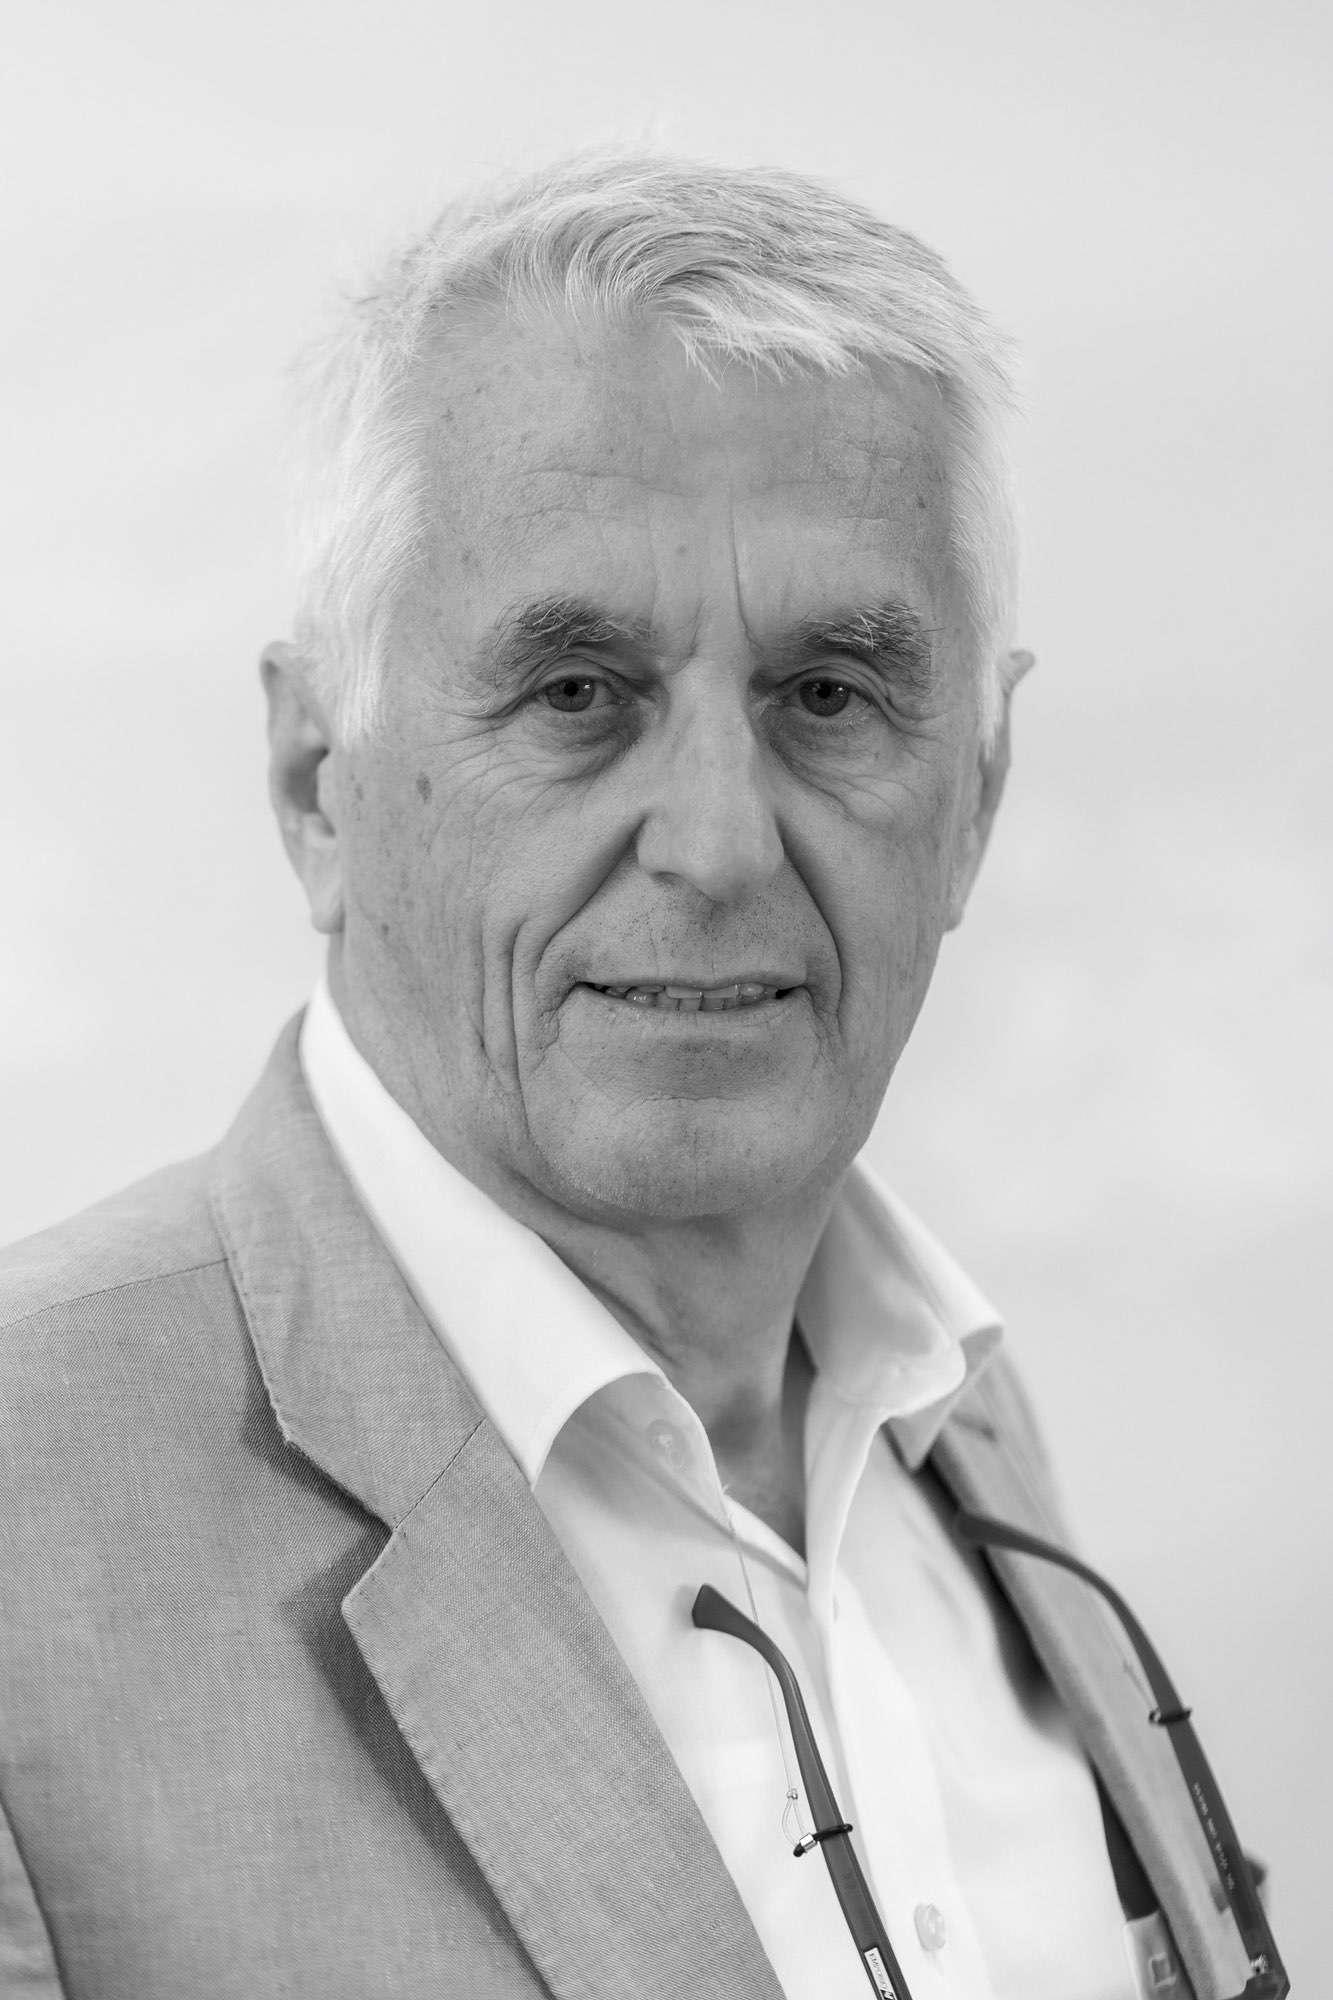 Ulrich Schneebauer